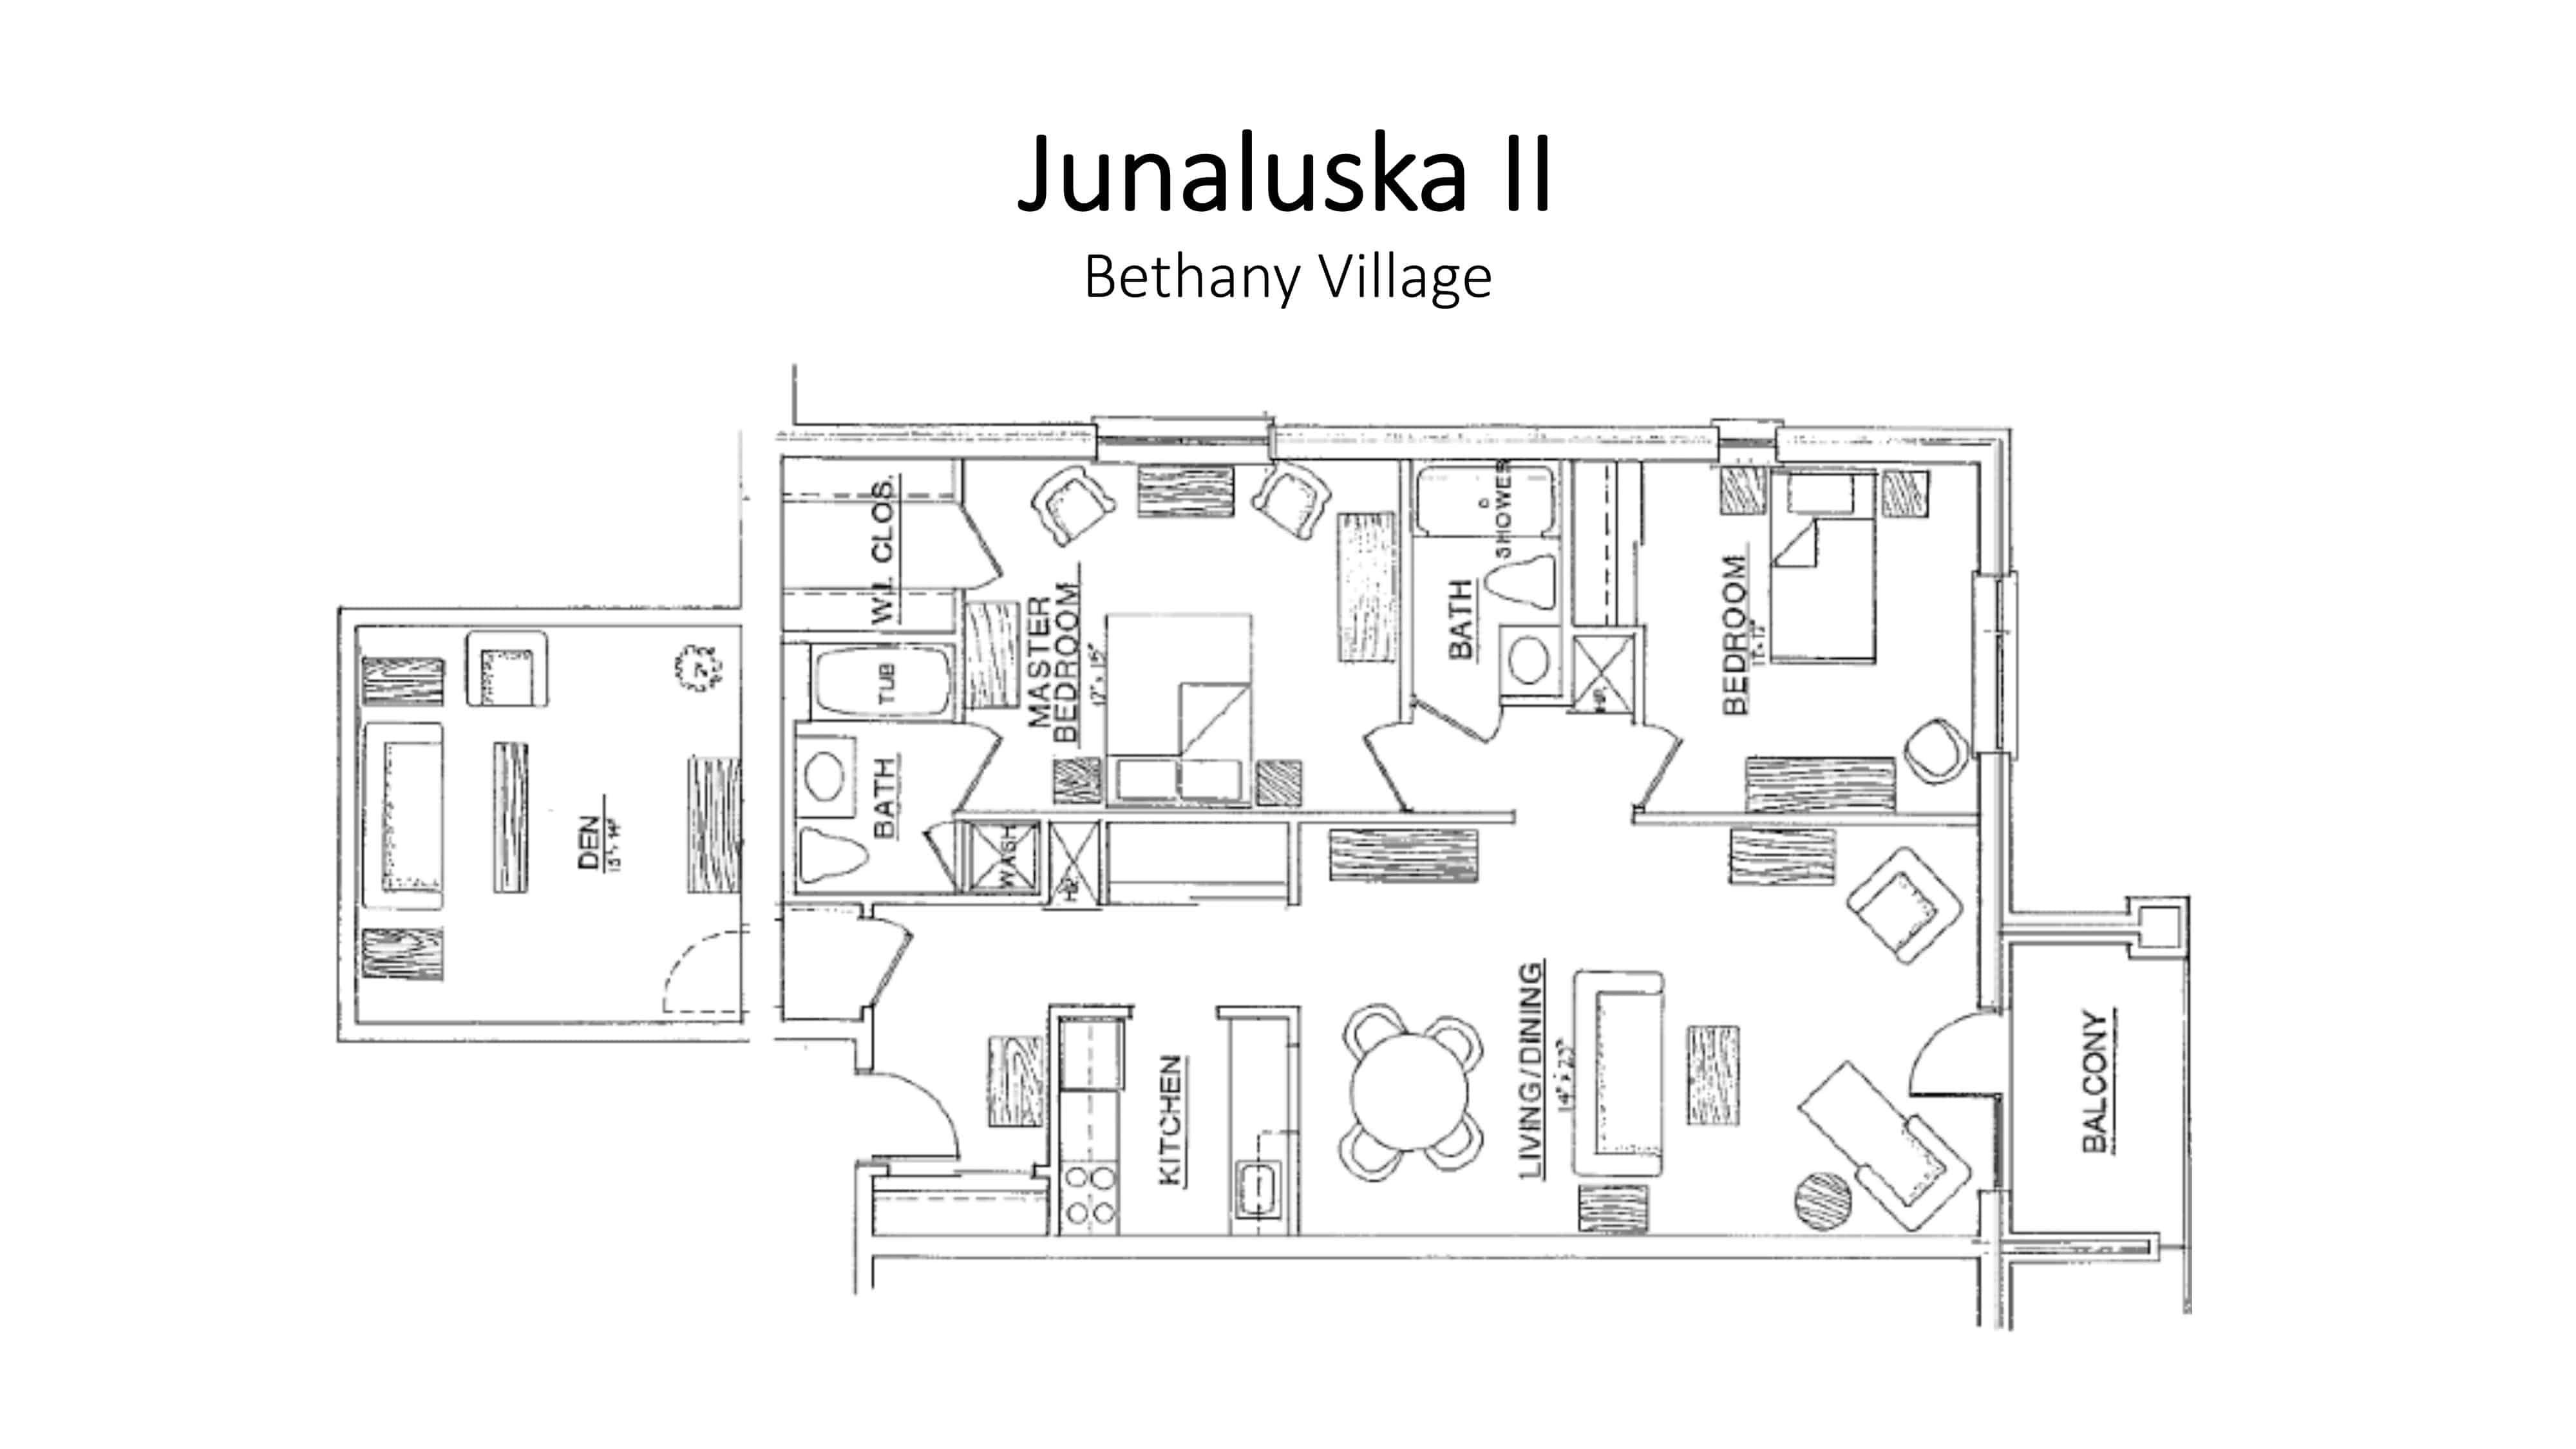 BV_JunaluskaII